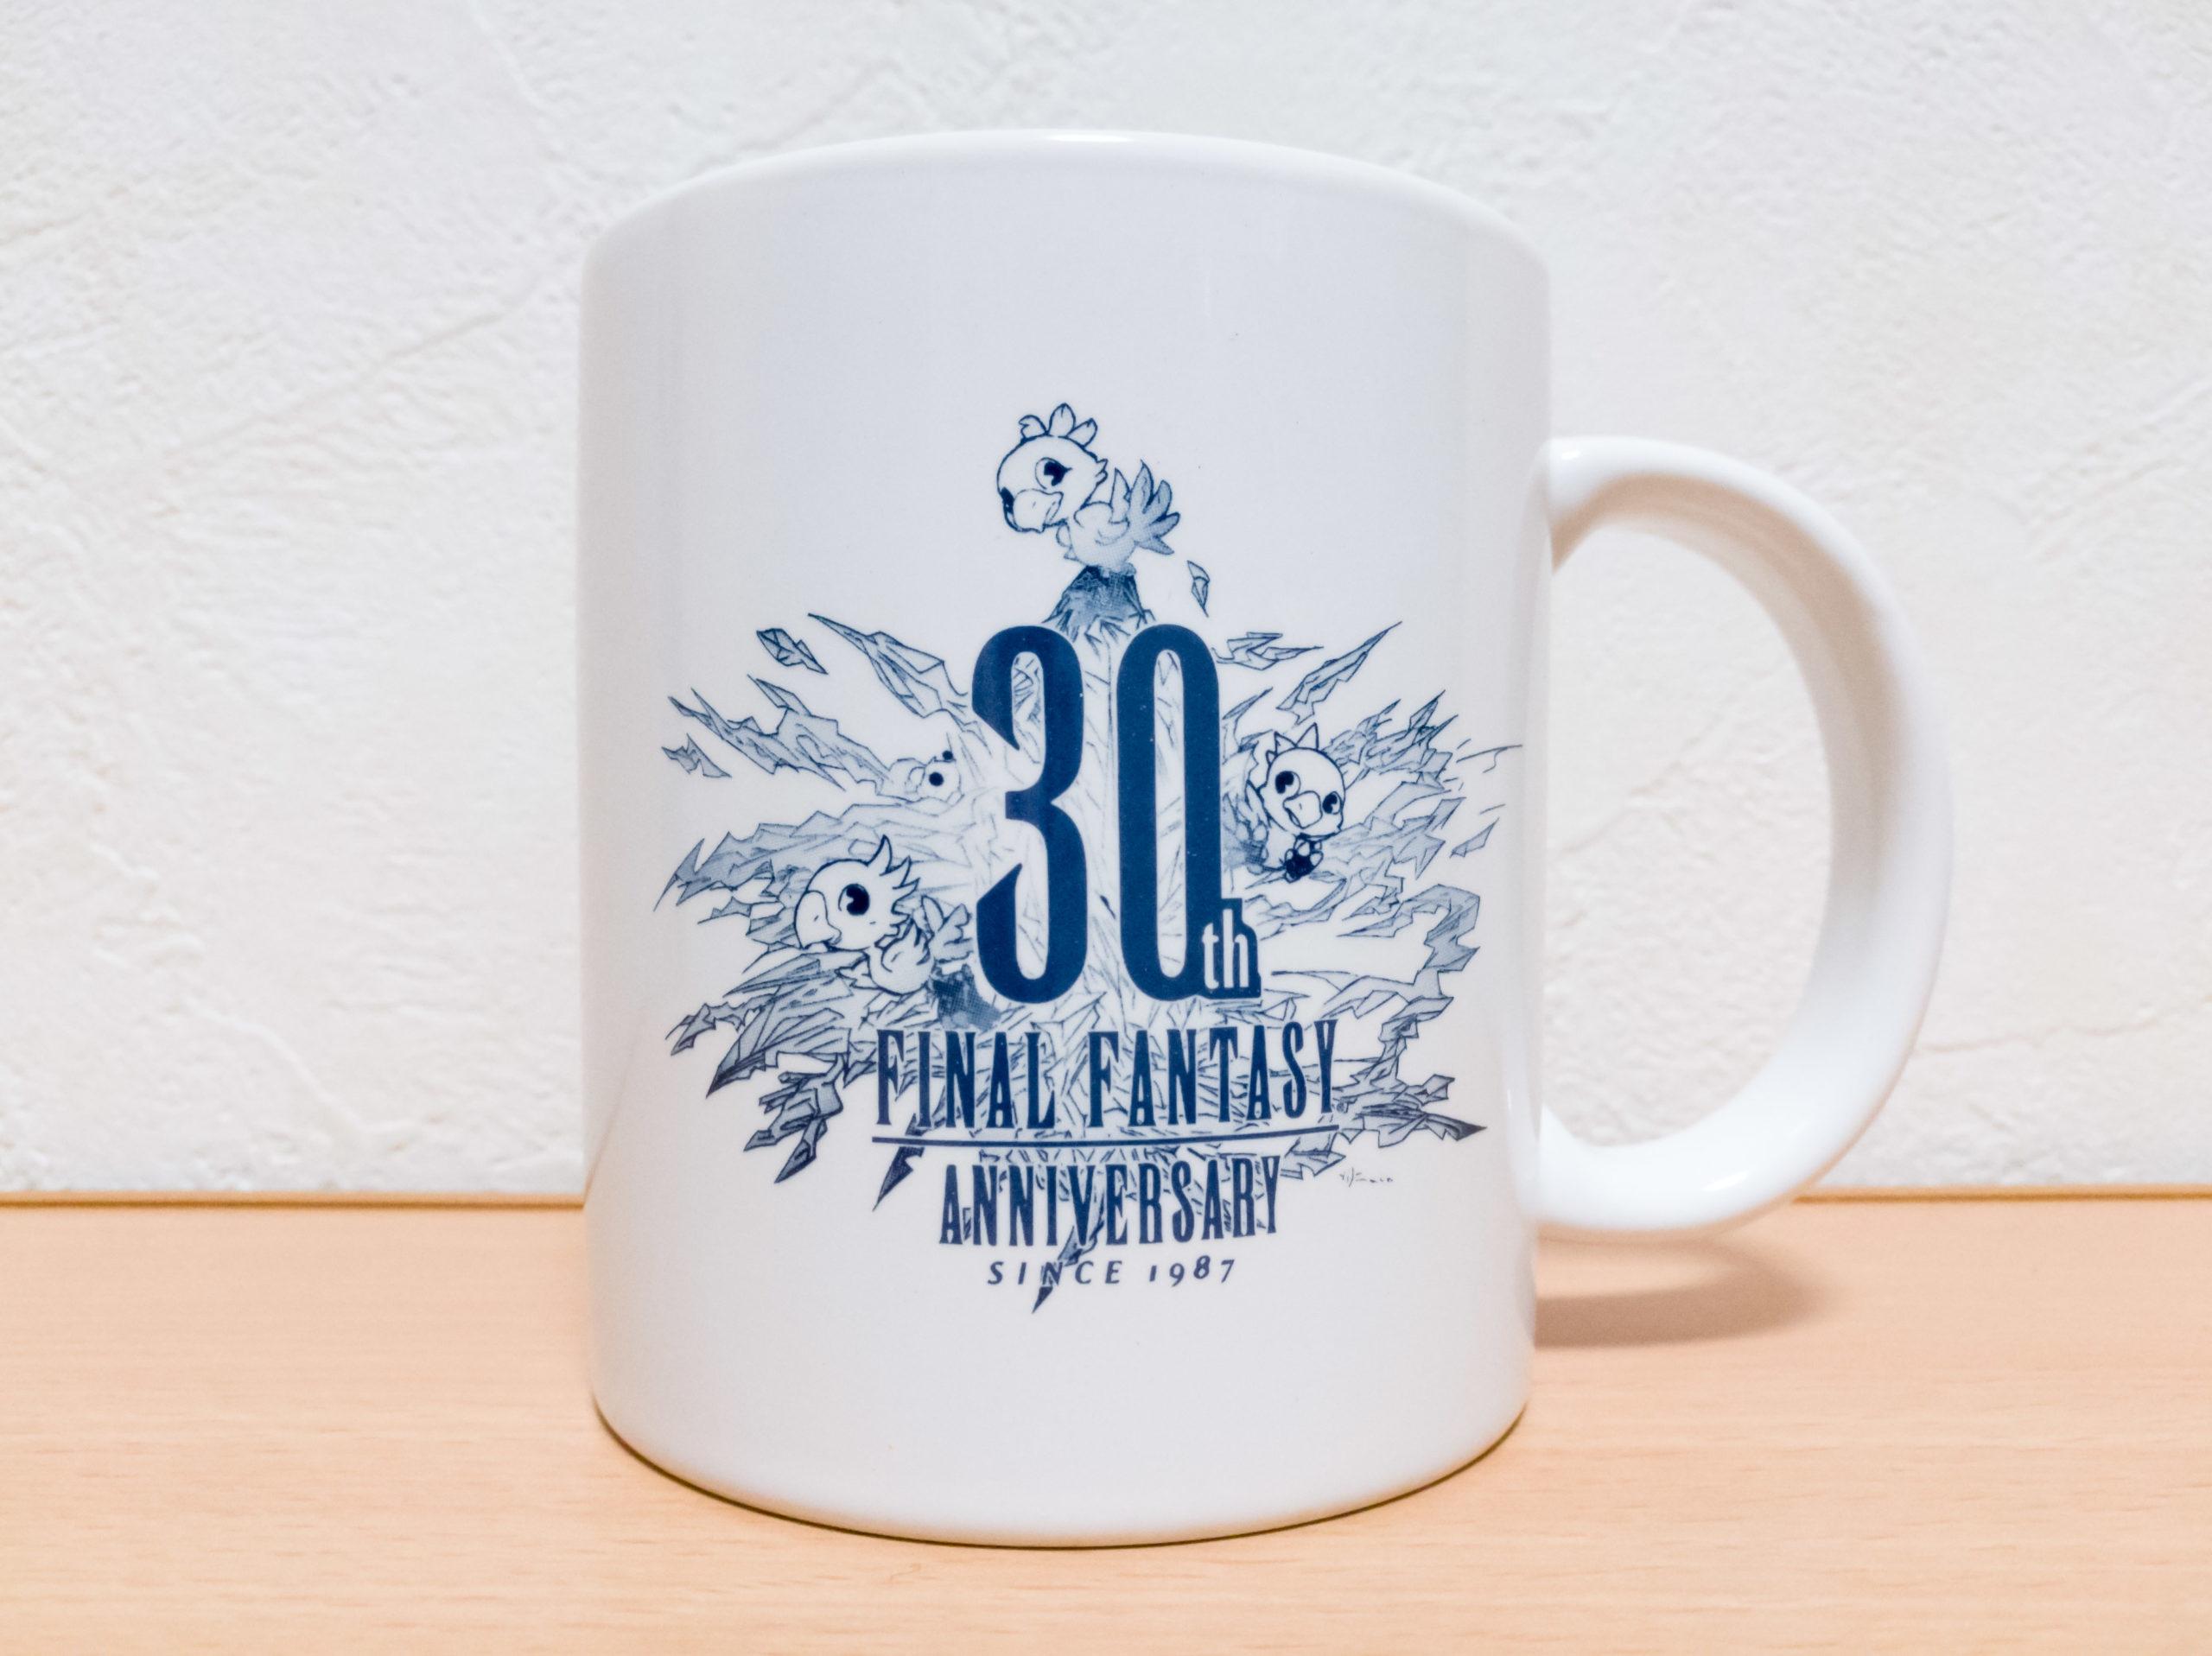 FF30周年記念マグカップを買った。今年はイベントやグッズが盛りだくさんだよ